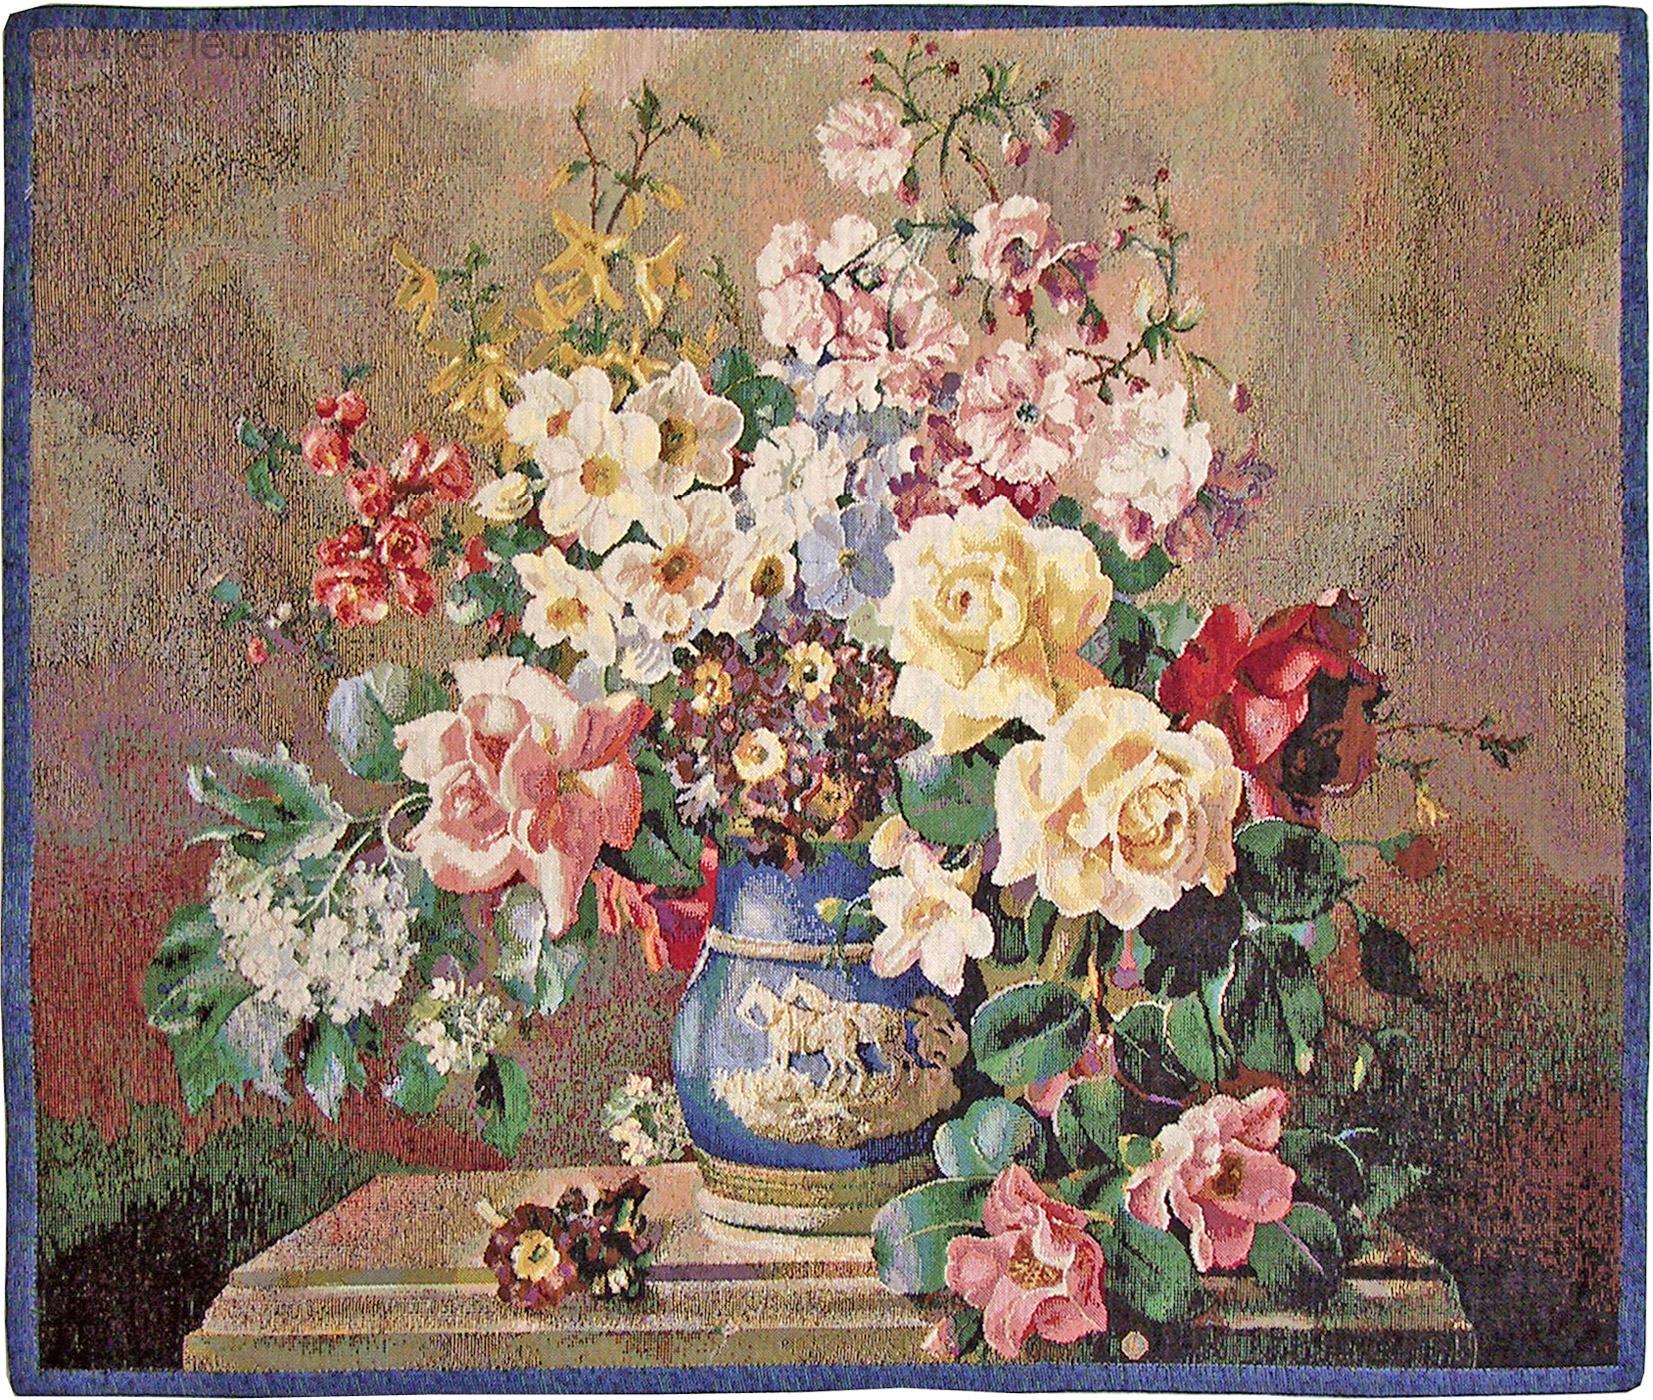 bouquet joyeux floraux et nature tapisseries murales mille fleurs tapestries. Black Bedroom Furniture Sets. Home Design Ideas